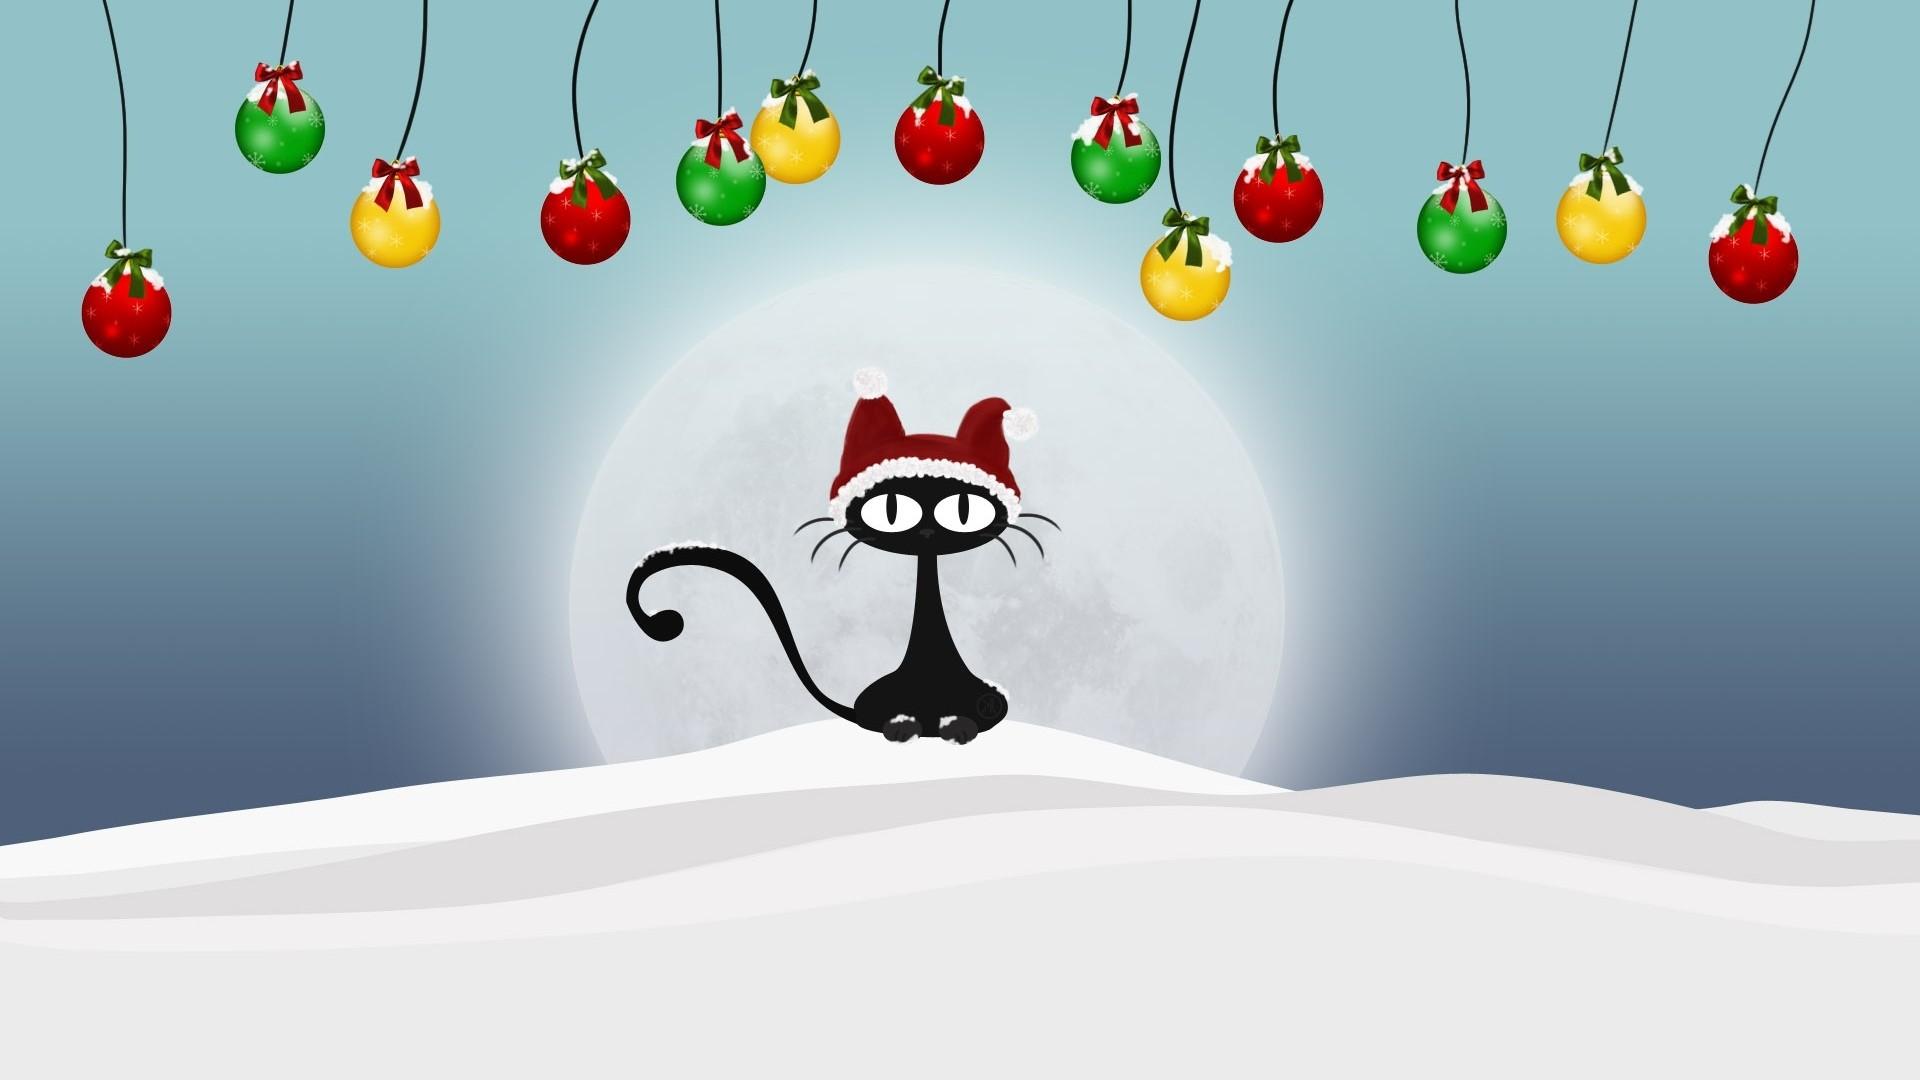 Funny Christmas Wallpapers ·①